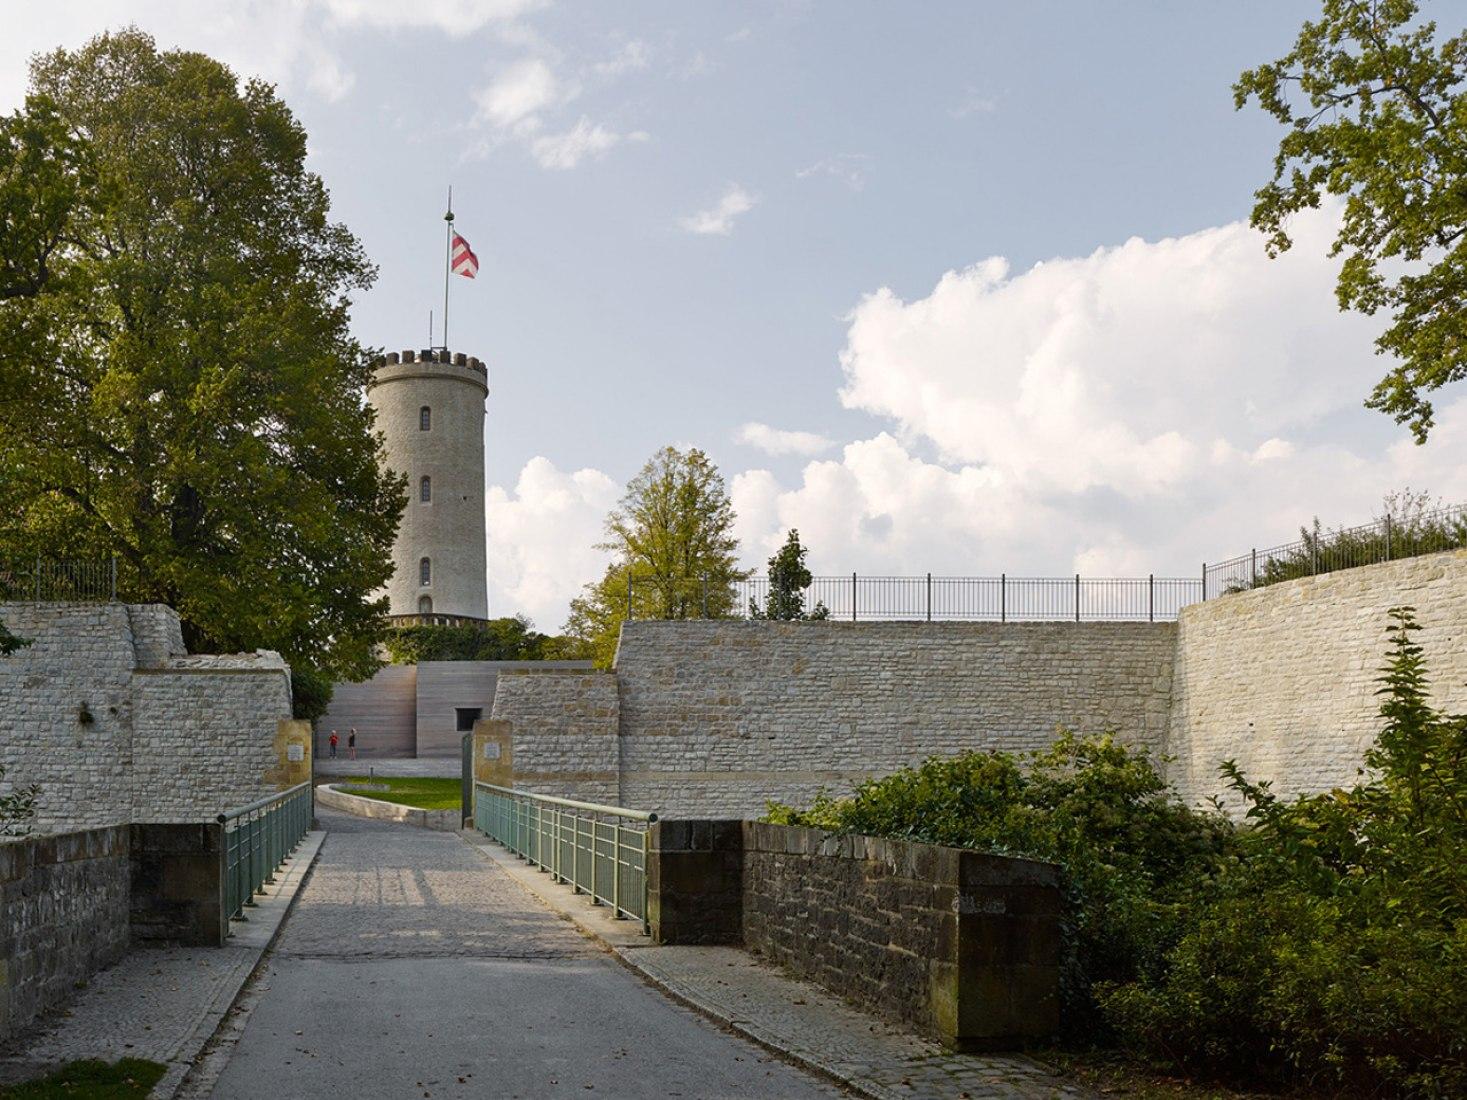 Vista desde el sur-este con la torre en el fondo. Centro de visitantes por Max Dudler. Fotografía © Stefan Müller